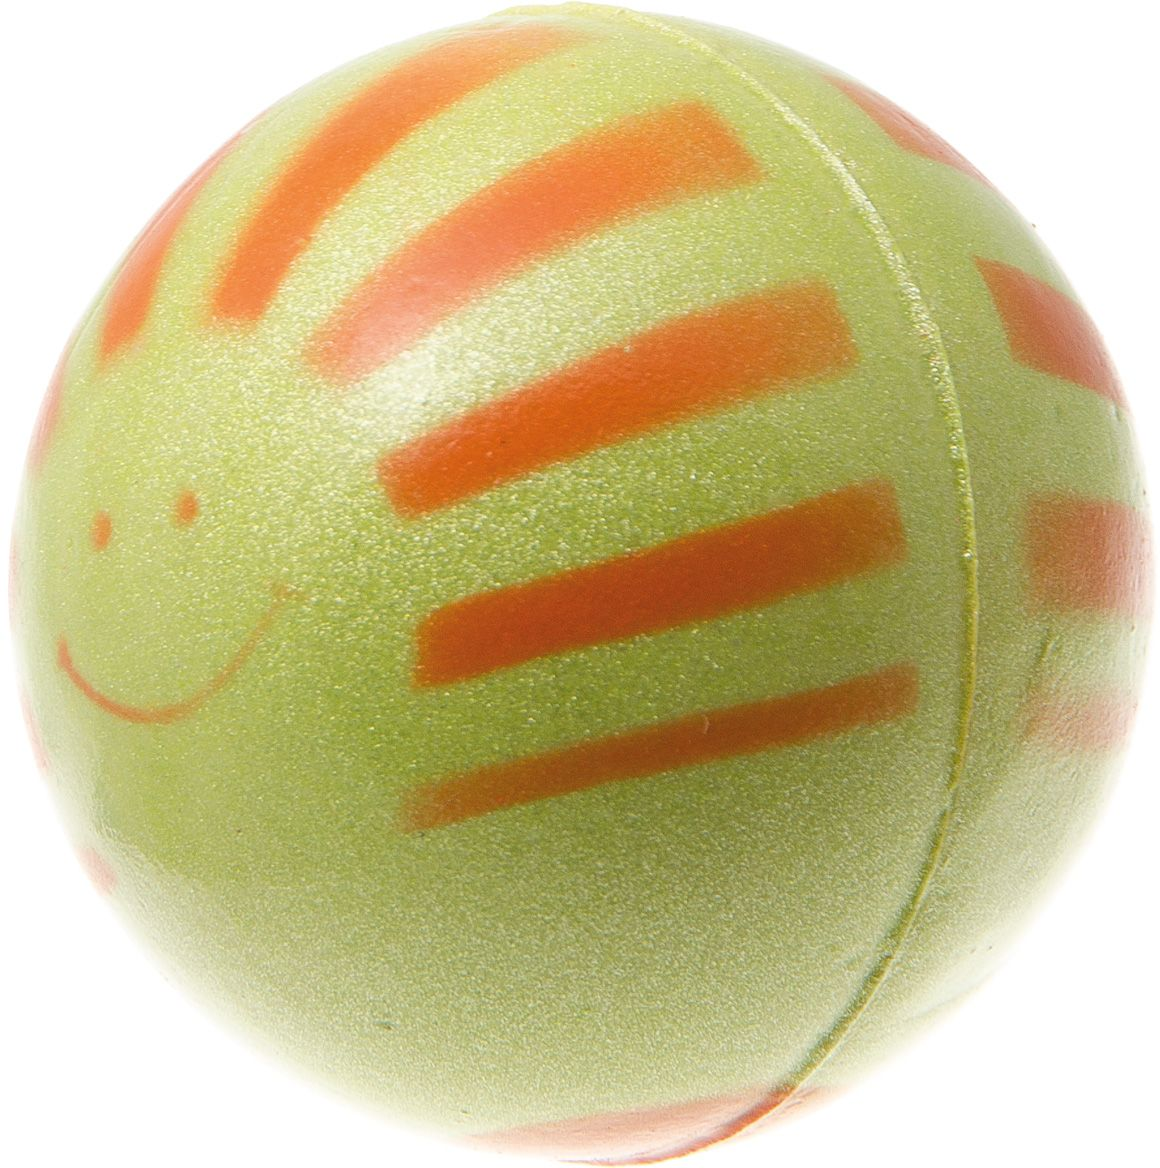 Мяч V.I.Pet Солнце, цвет: желтый, диаметр 63 мм. 20-111712171996Предназначен для игр, тренировок и активного отдыха с животными. Мяч заинтересует и увлечёт вашего питомца. Сделана из абсолютно безопасного и качественного материала. Материал: вспененная резина.